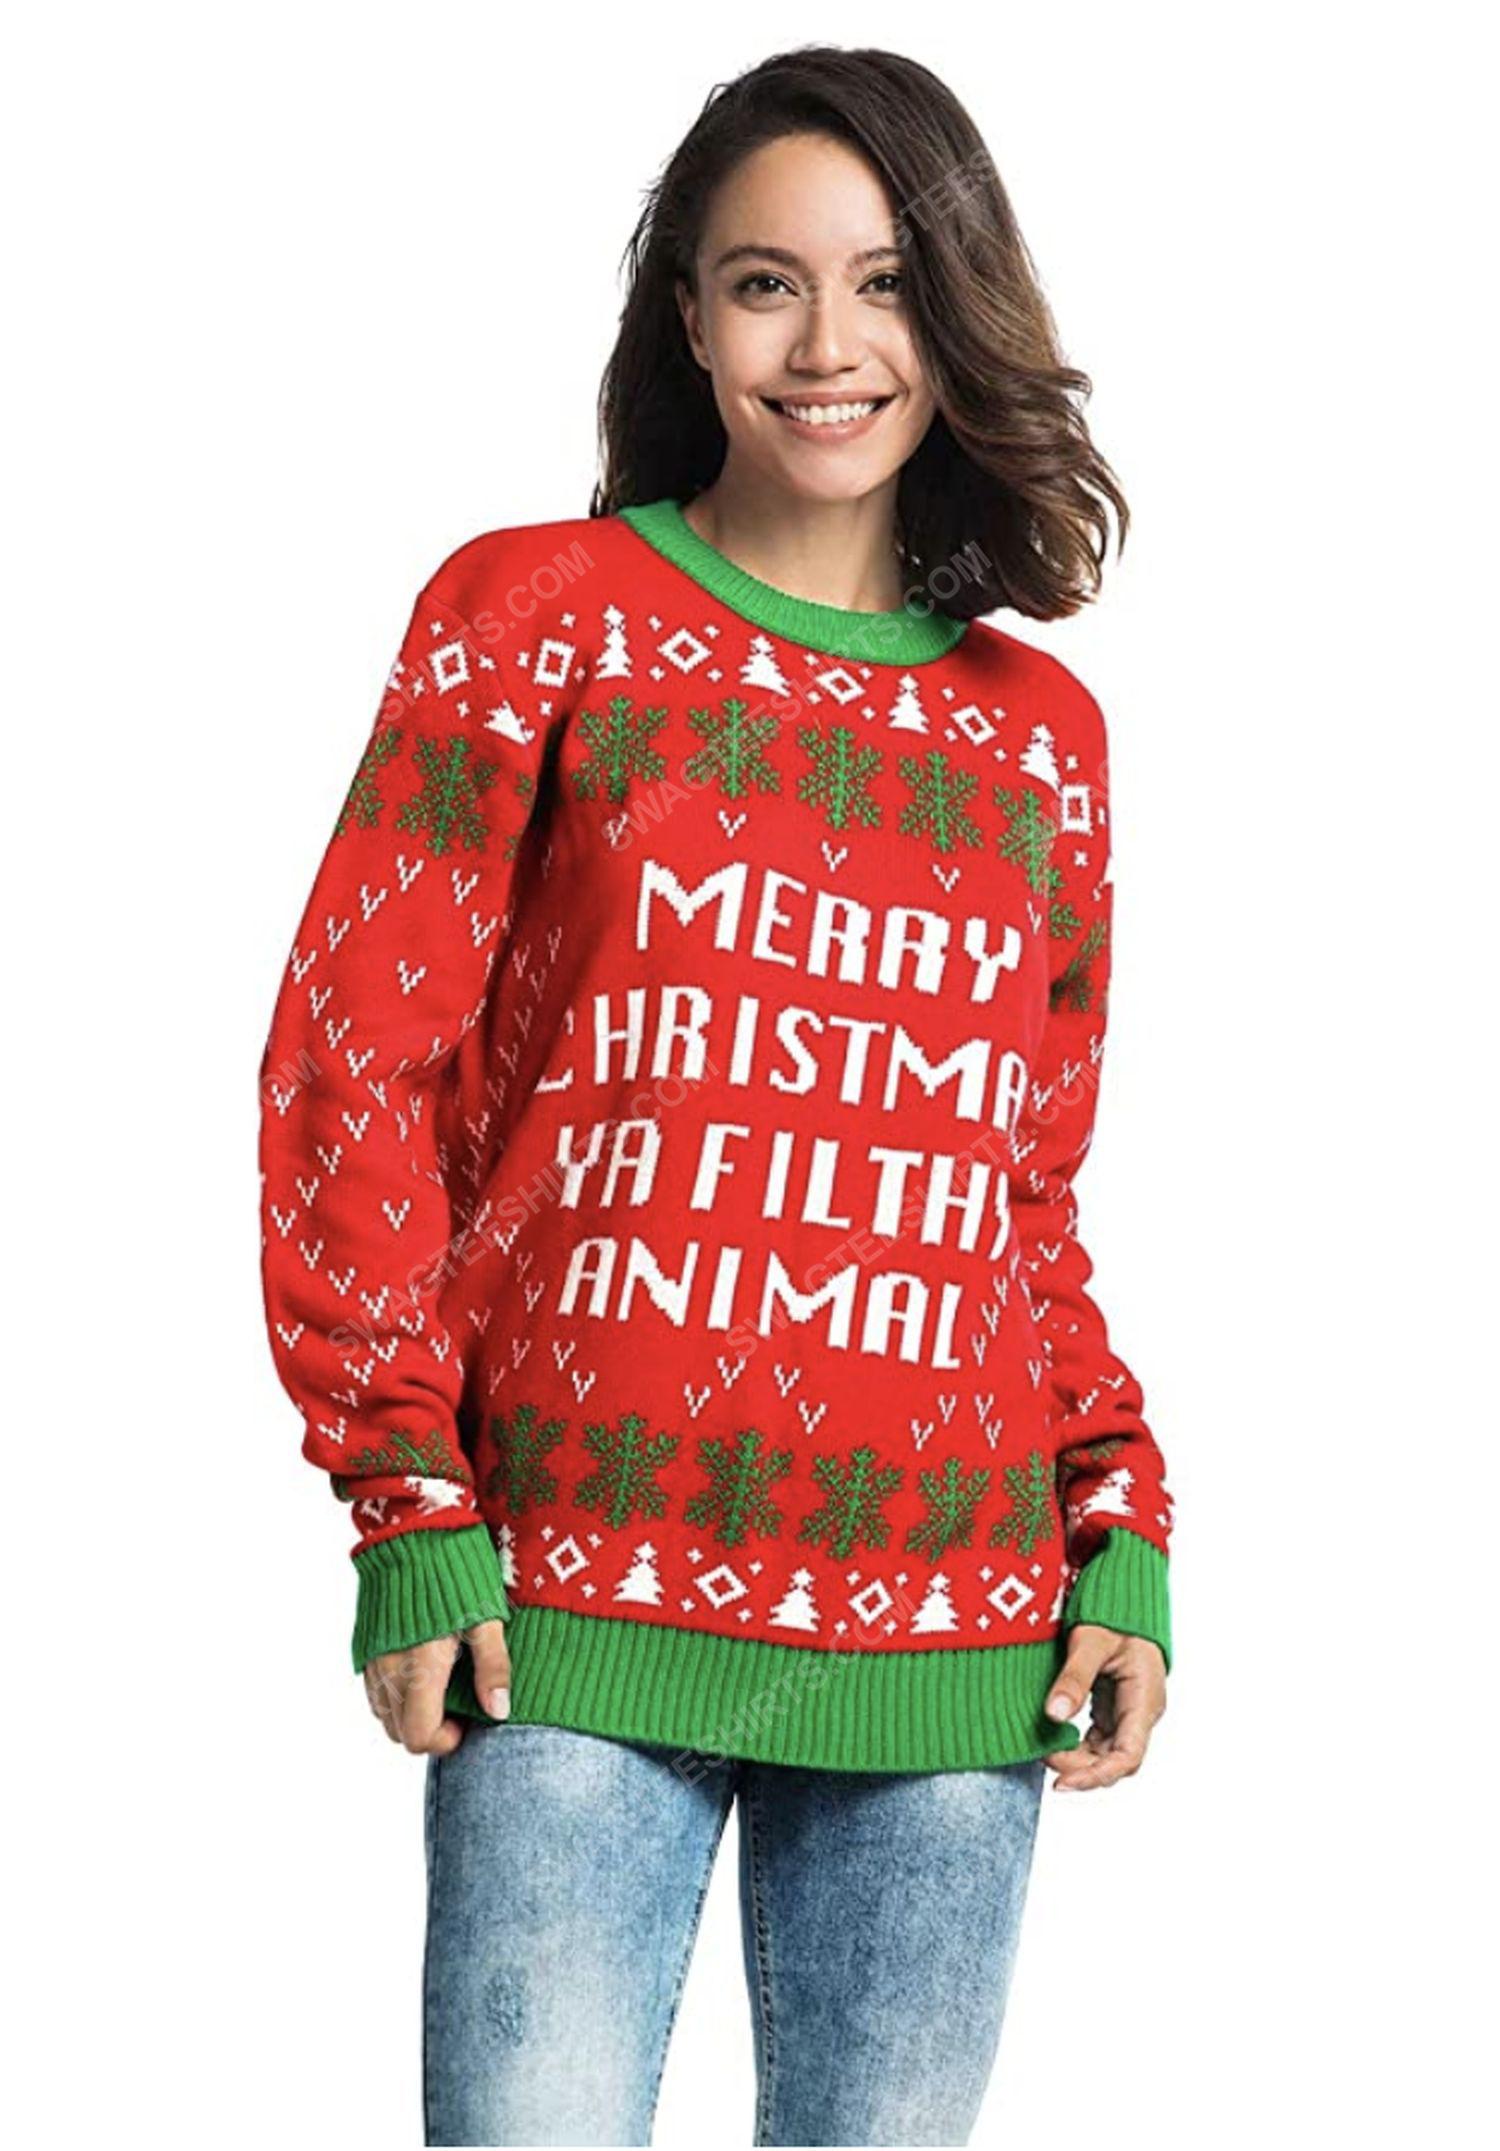 Merry christmas ya filthy animal full print ugly christmas sweater 2